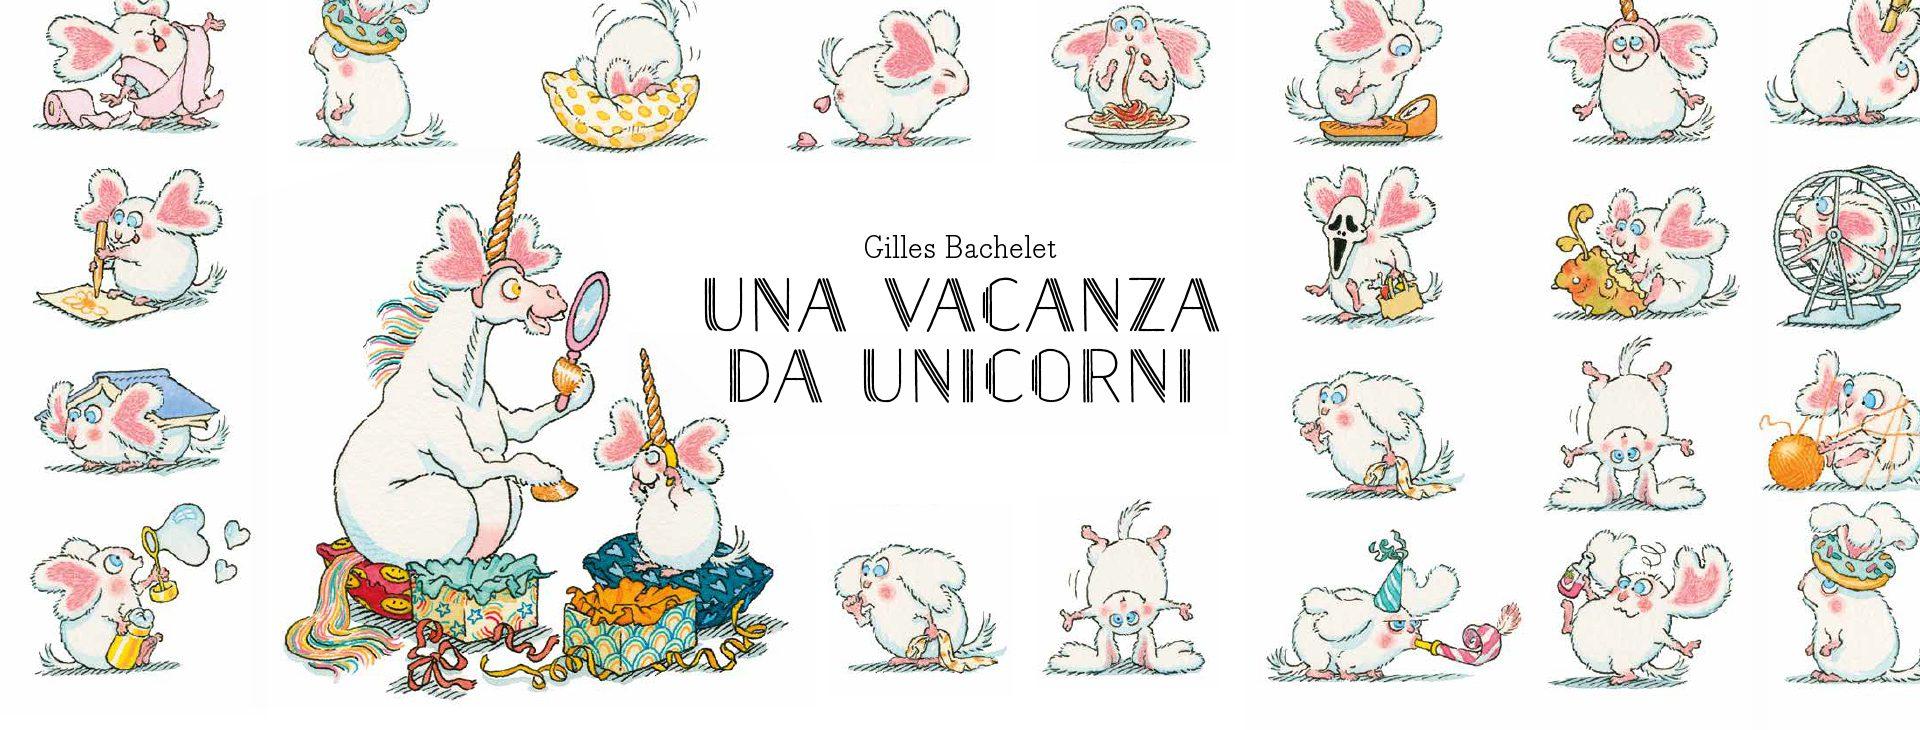 una vacanza da unicorni